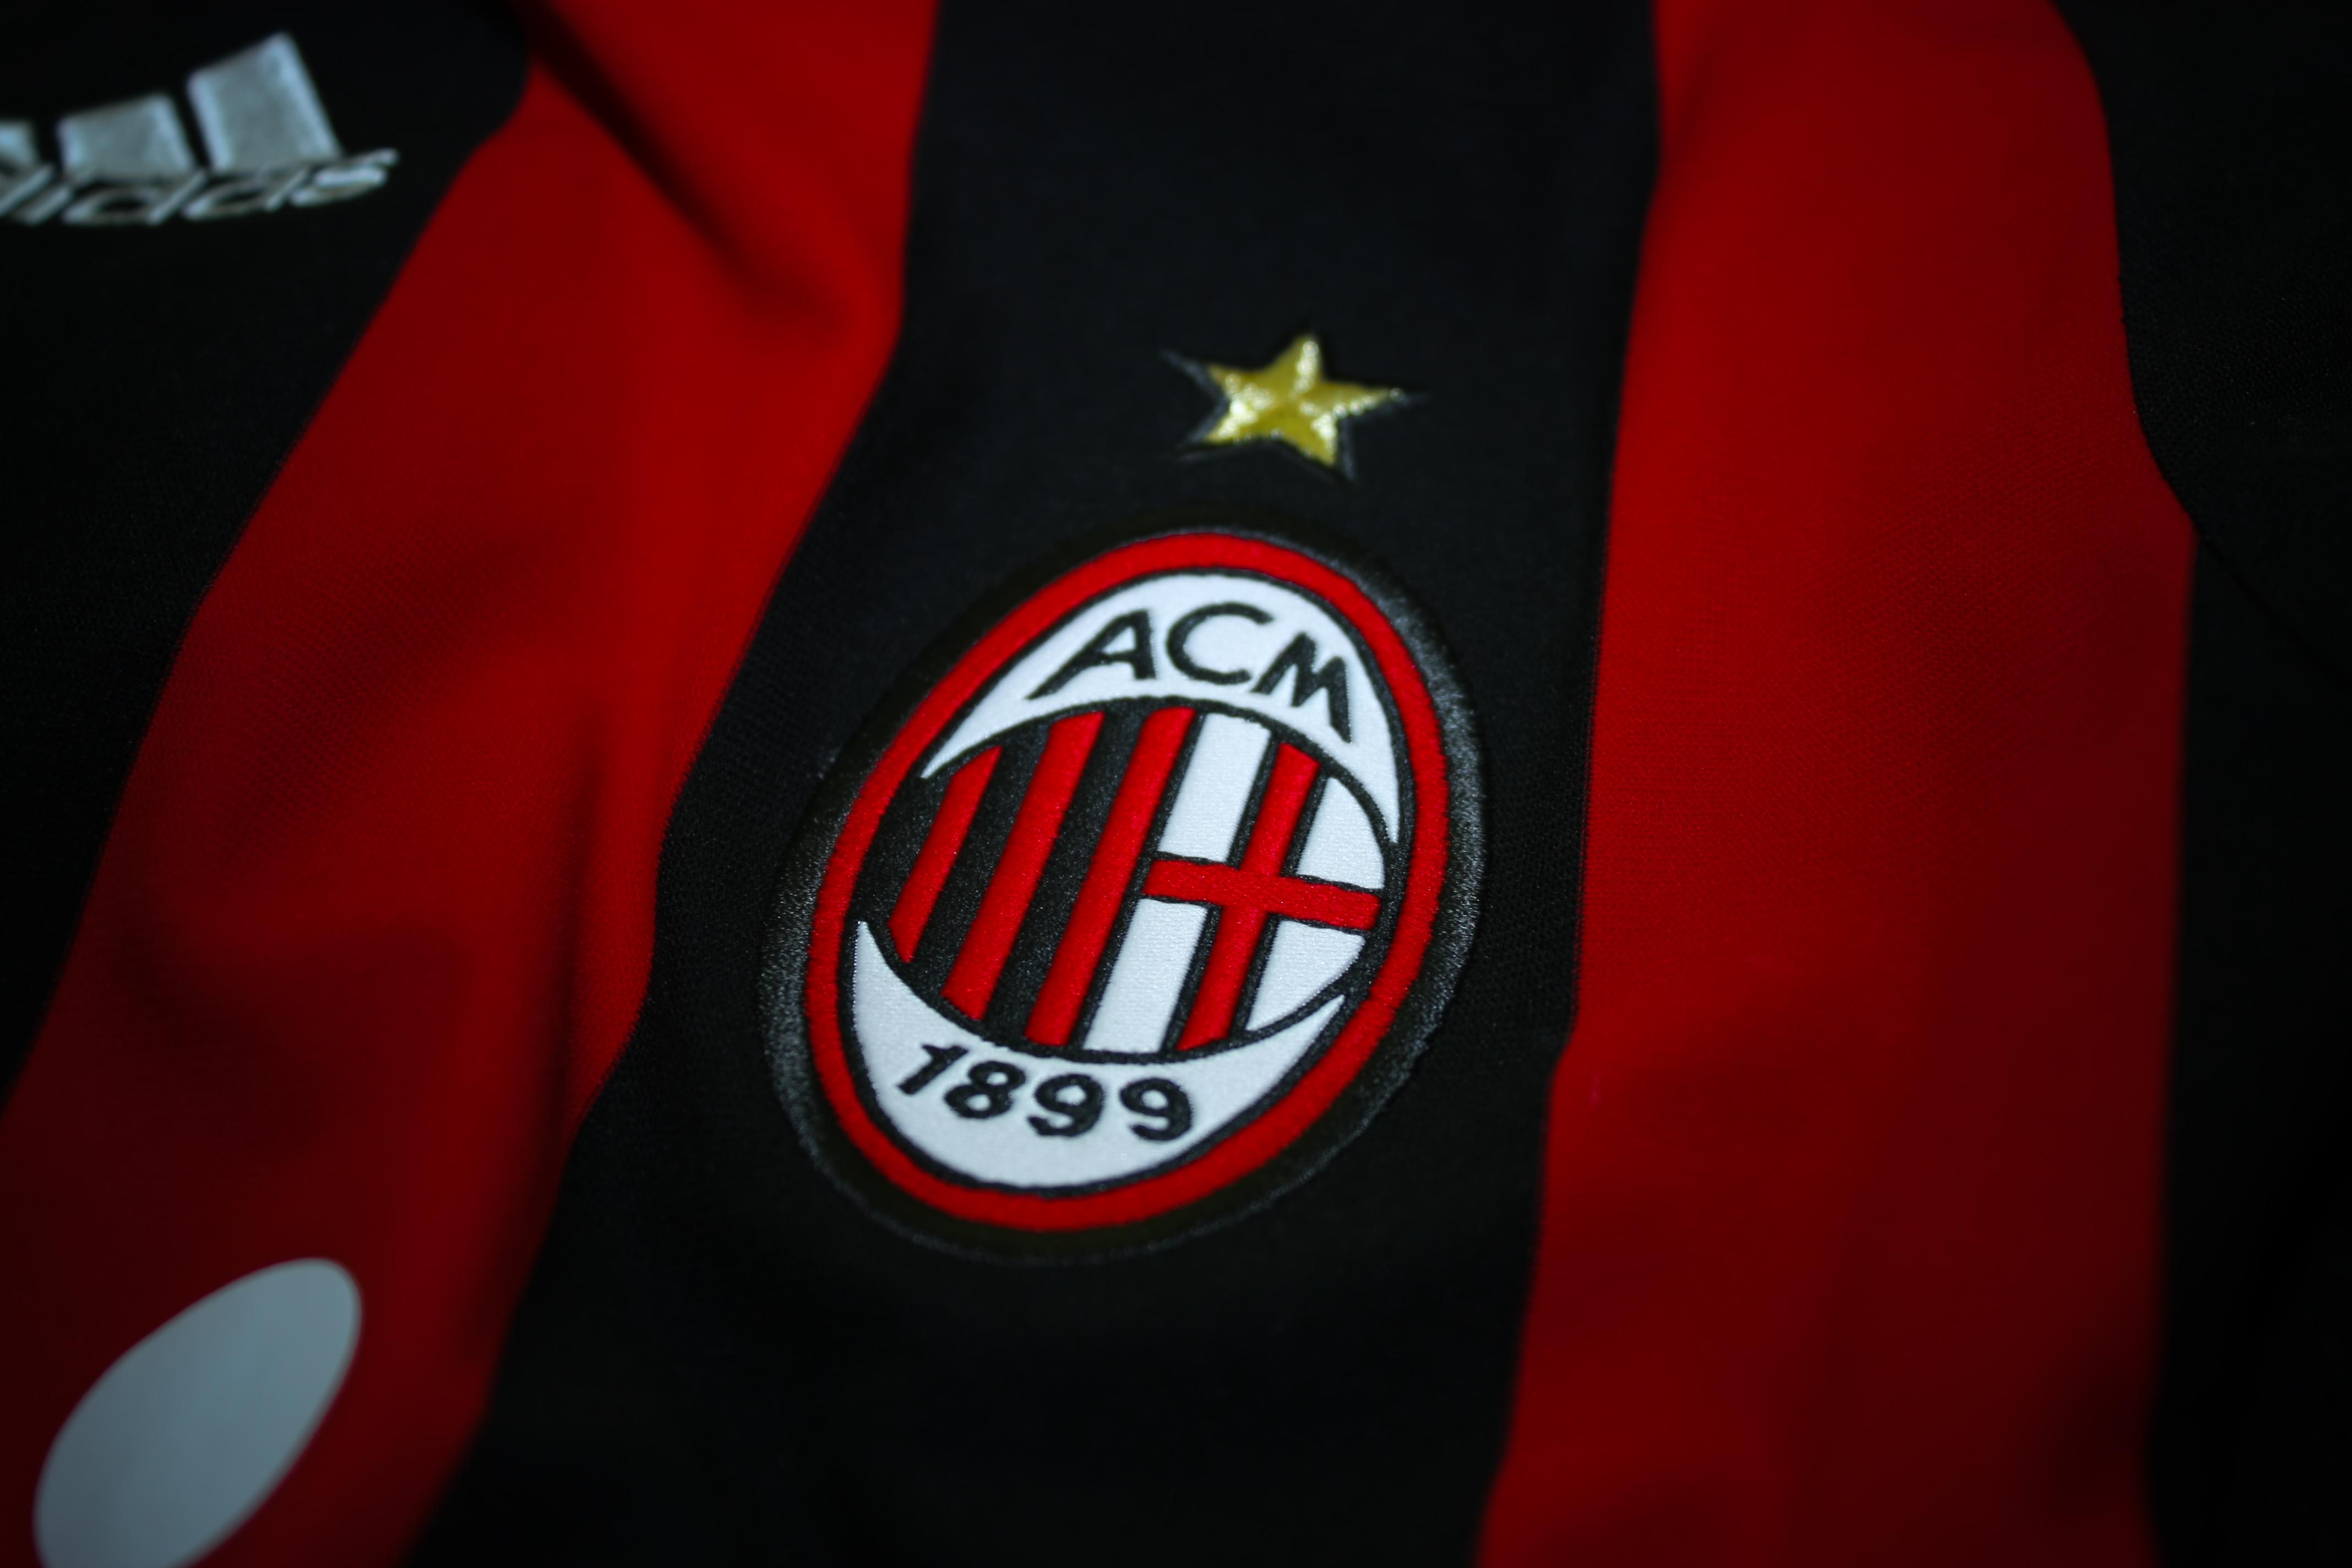 Cessione Milan ai cinesi, ci siamo: closing dopo il derby con l'Inter